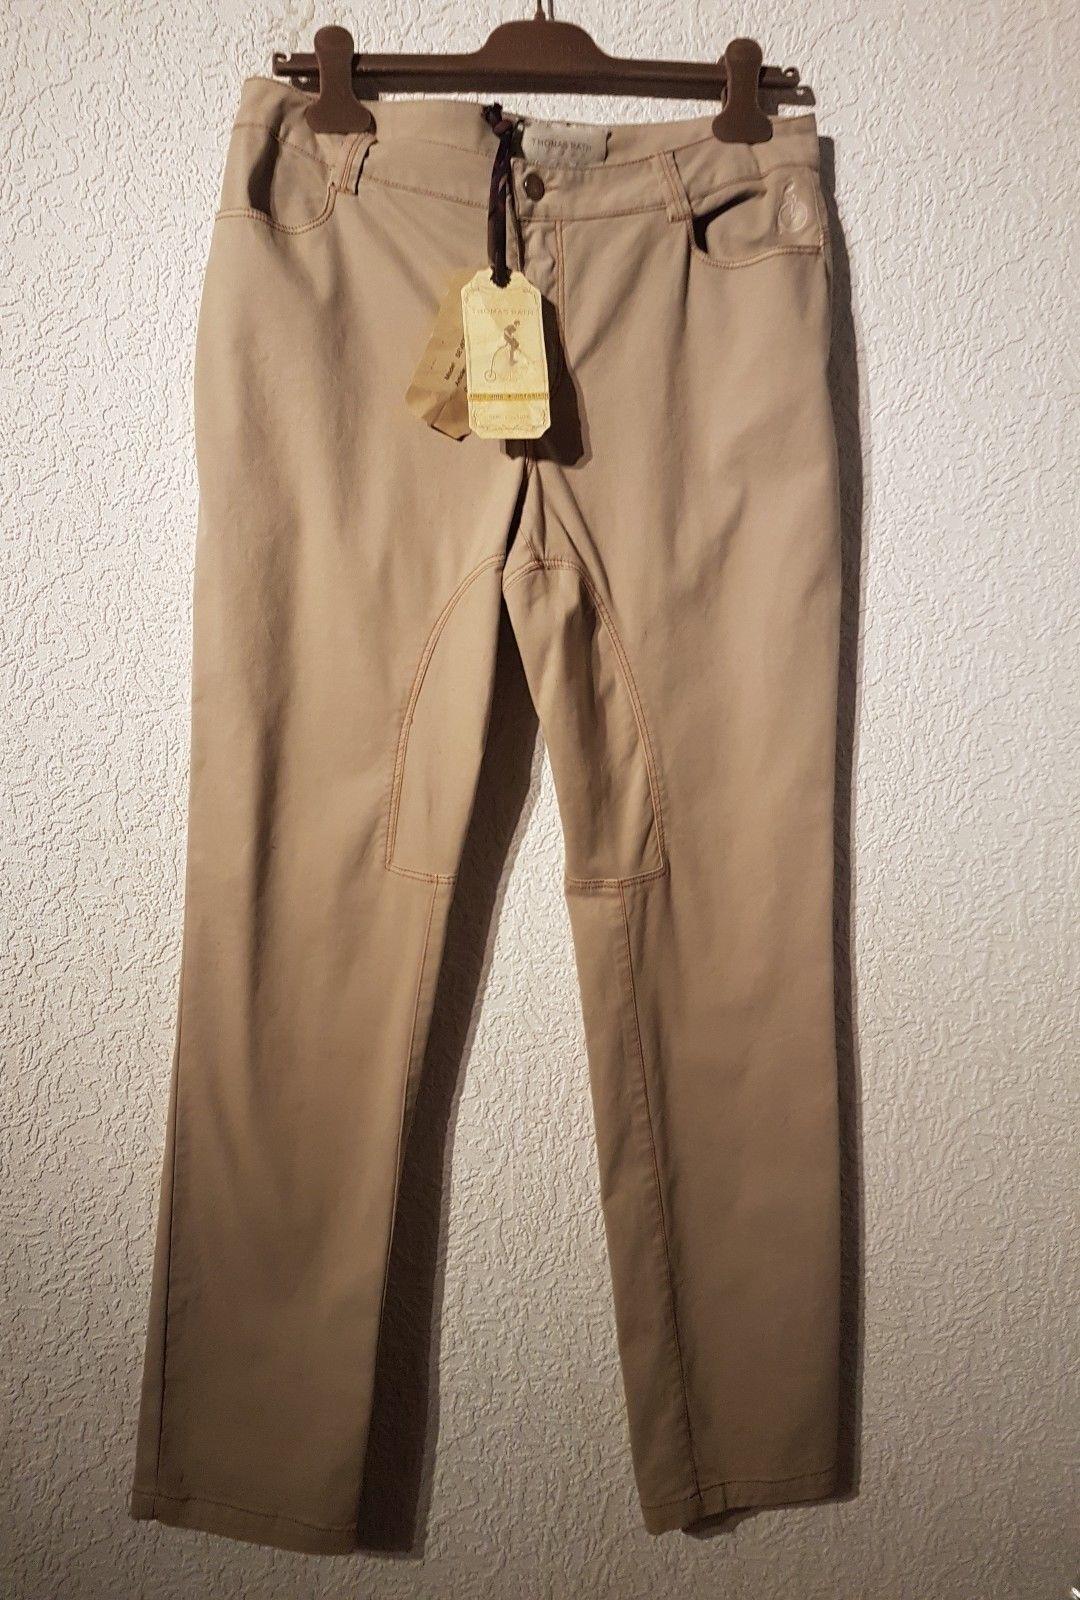 4921371f9134 TUTA ABITO RAGAZZA DONNA ELEGANTE CERIMONIA PIZZO MARCA ISA DELE ART.ID16008.  Nome utente. Thomas Rath semi COUTURE donna Pantaloni Mod. Seviglia MIS.